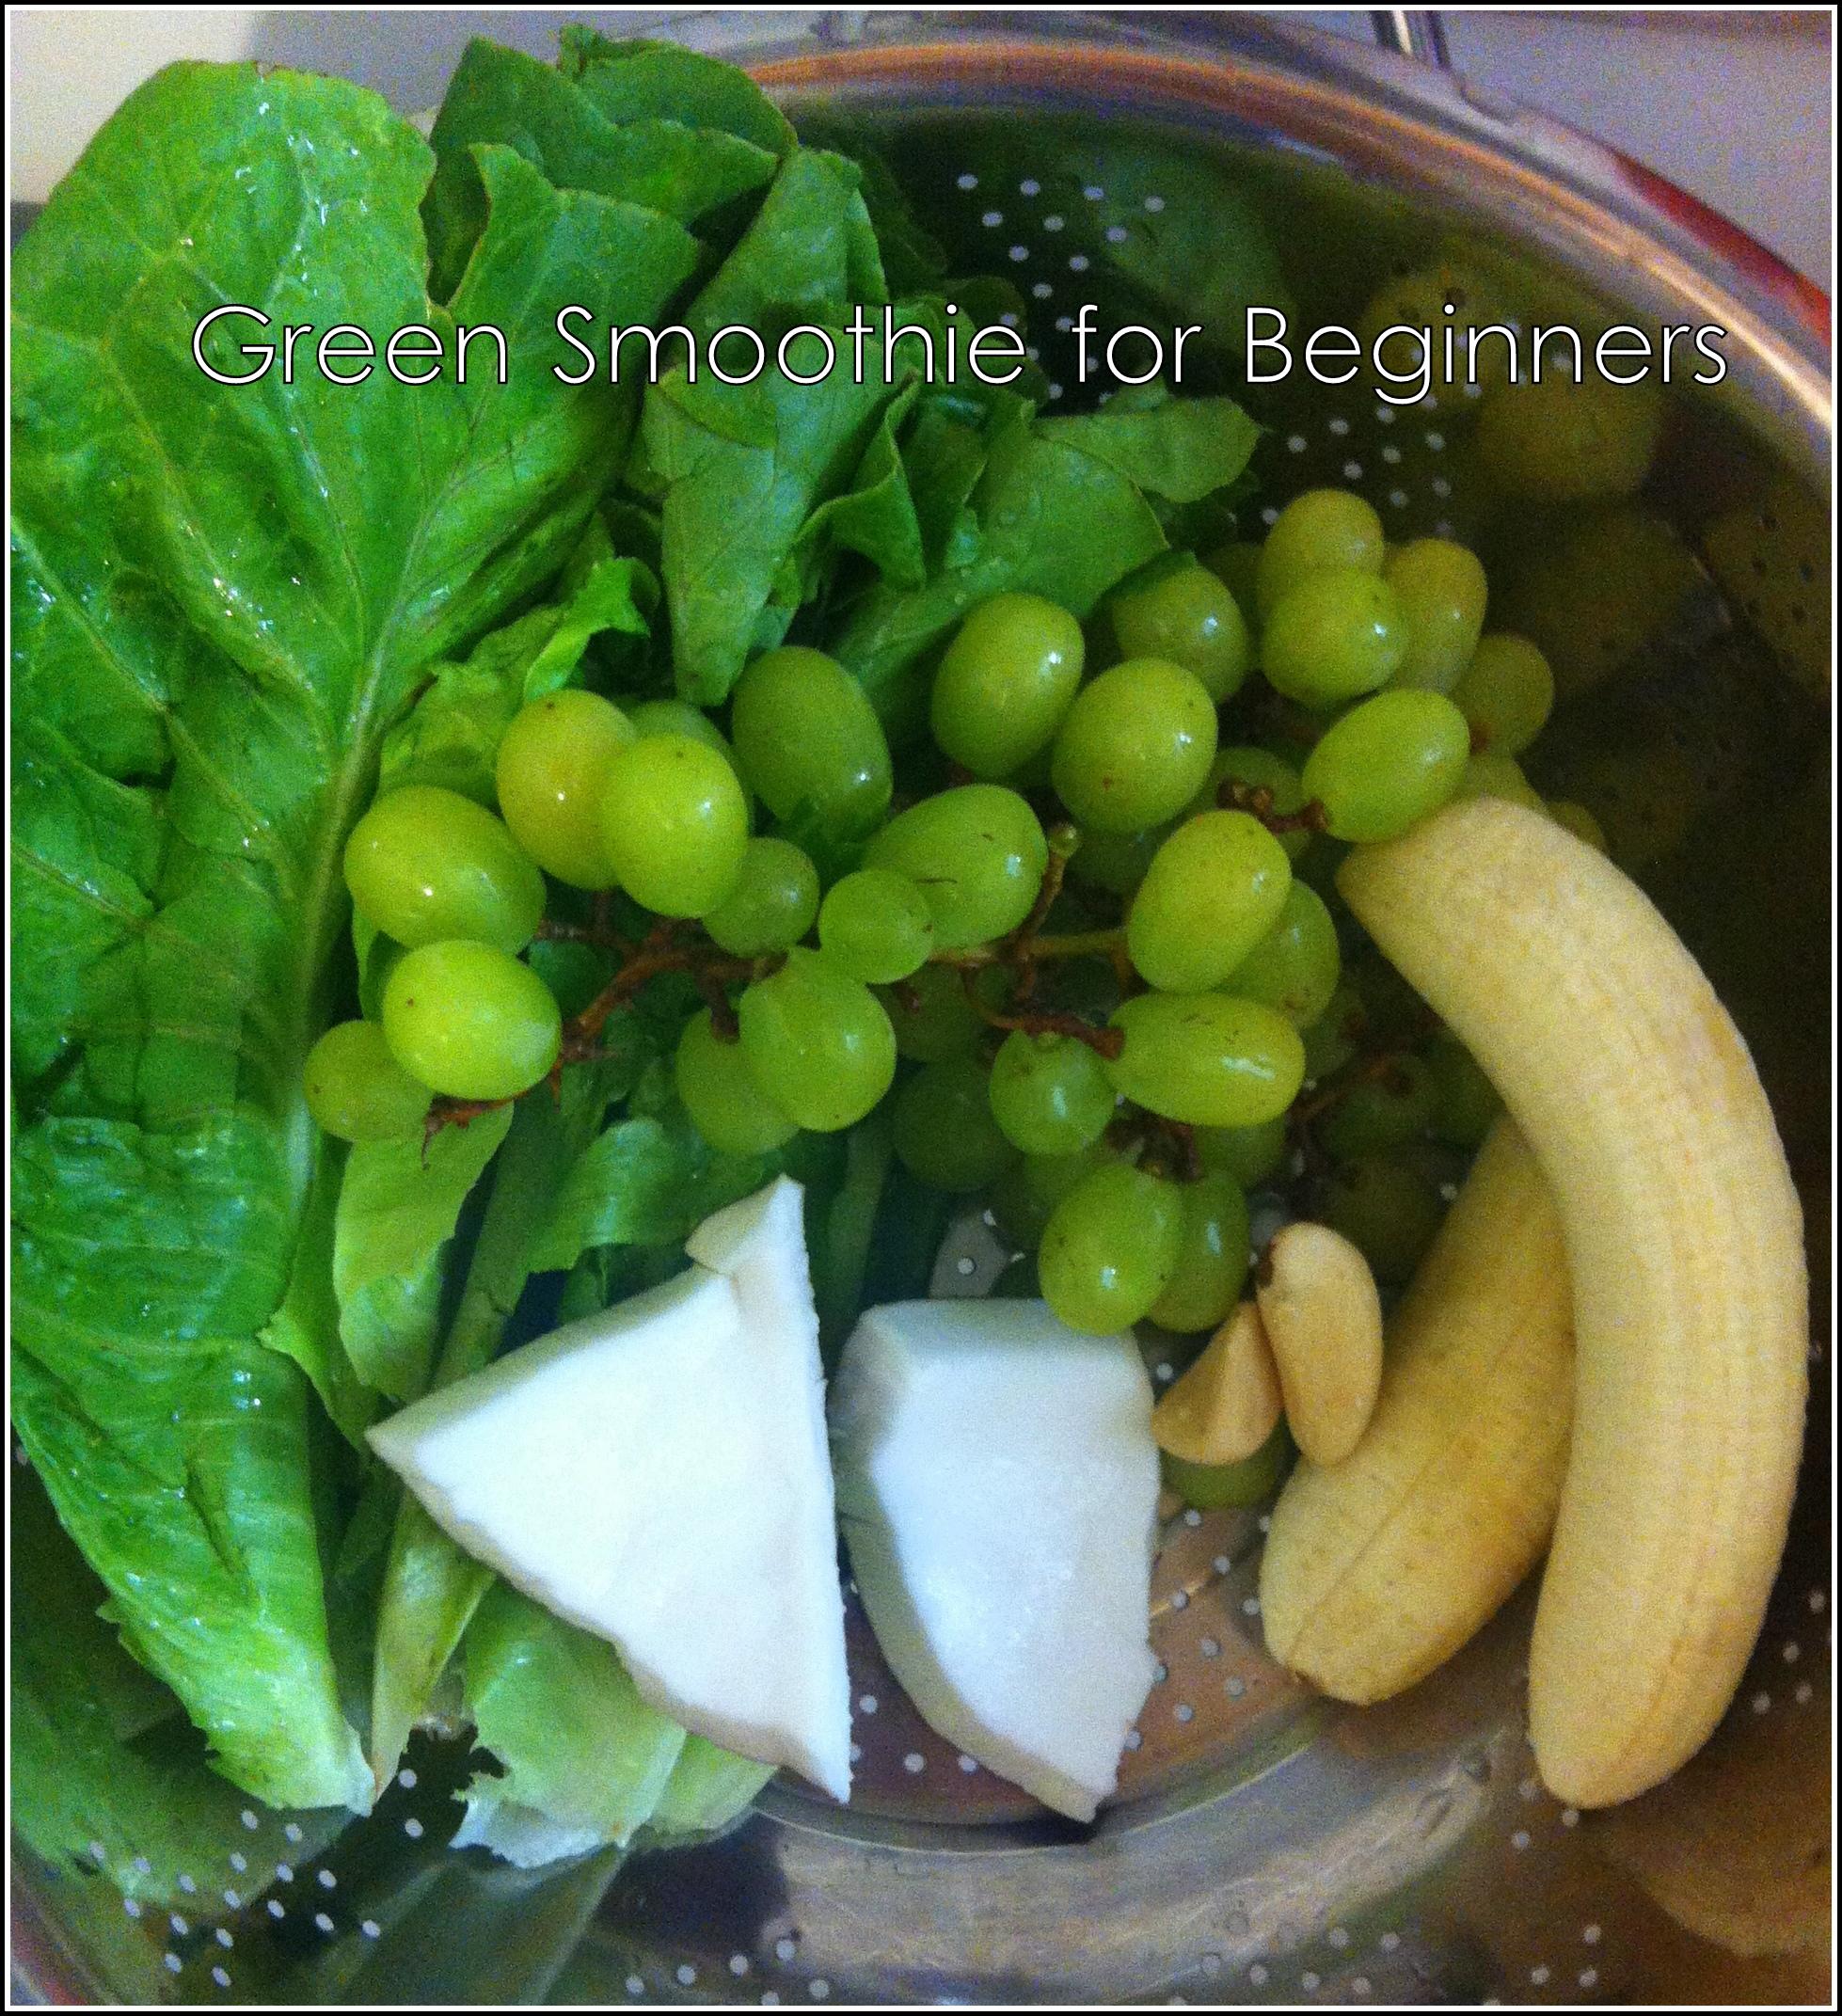 שייק ירוק לבריאות :)